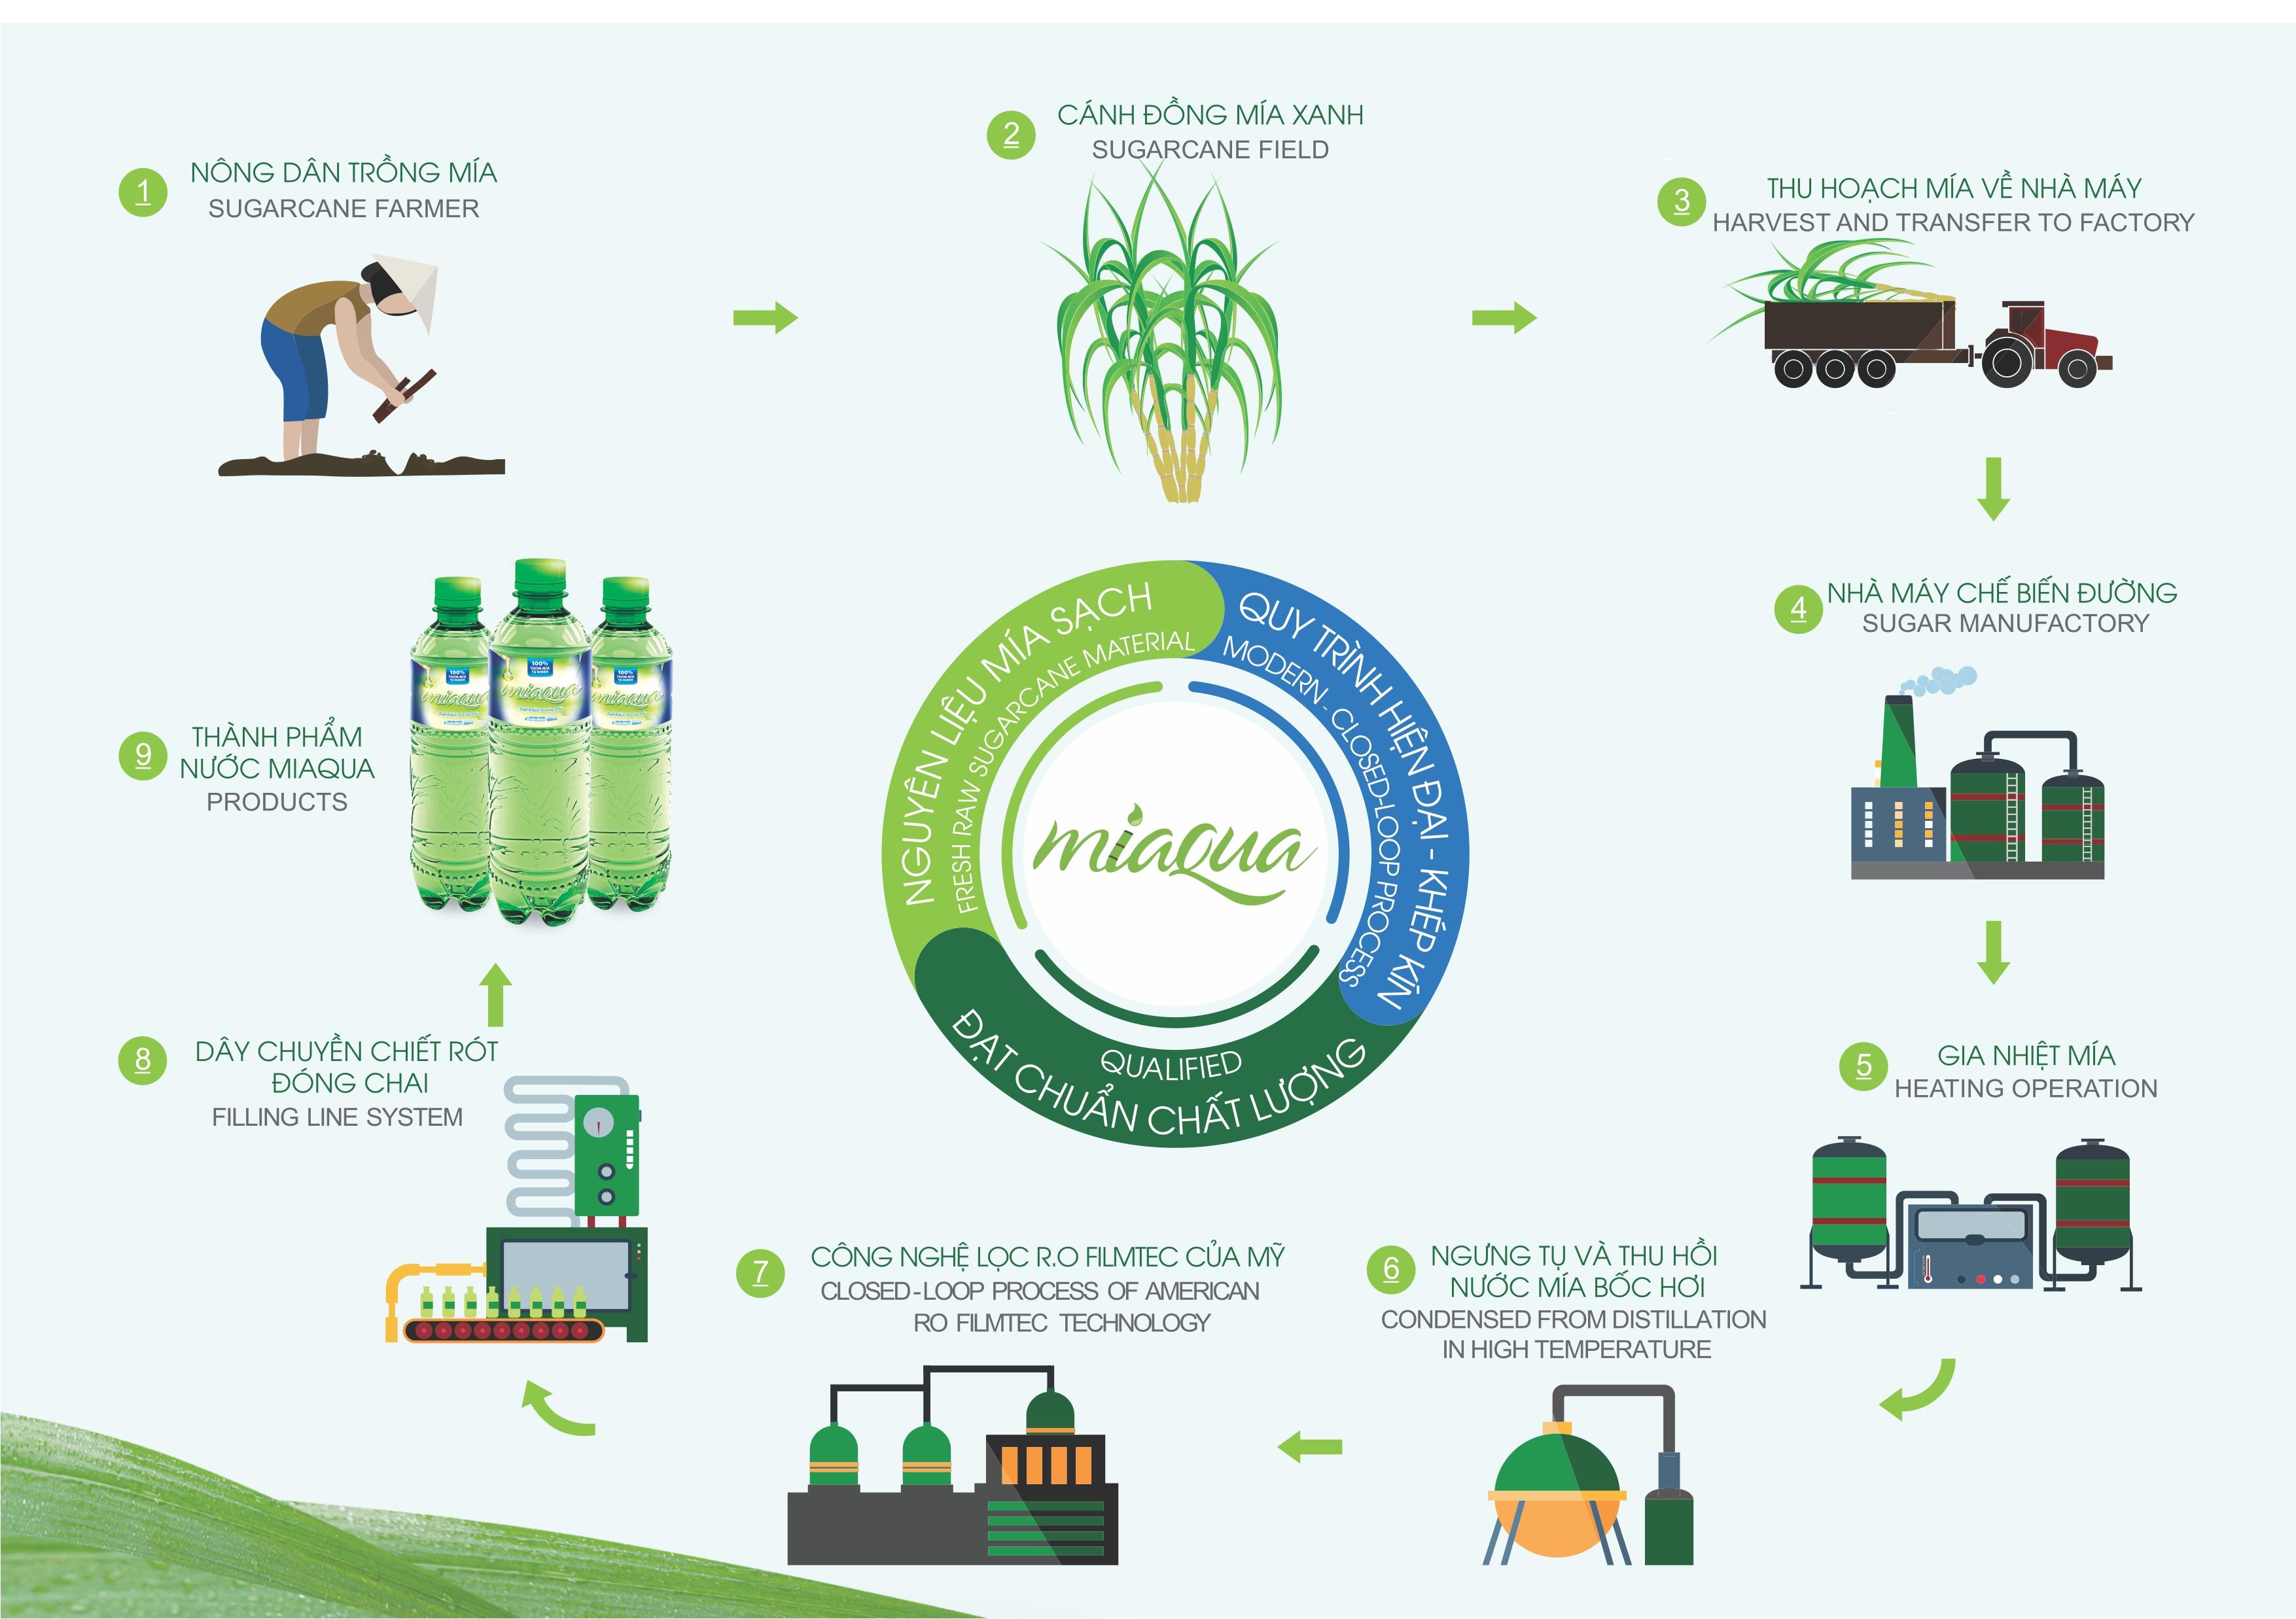 quy trình sản xuất nước mía không ngọt Miaqua